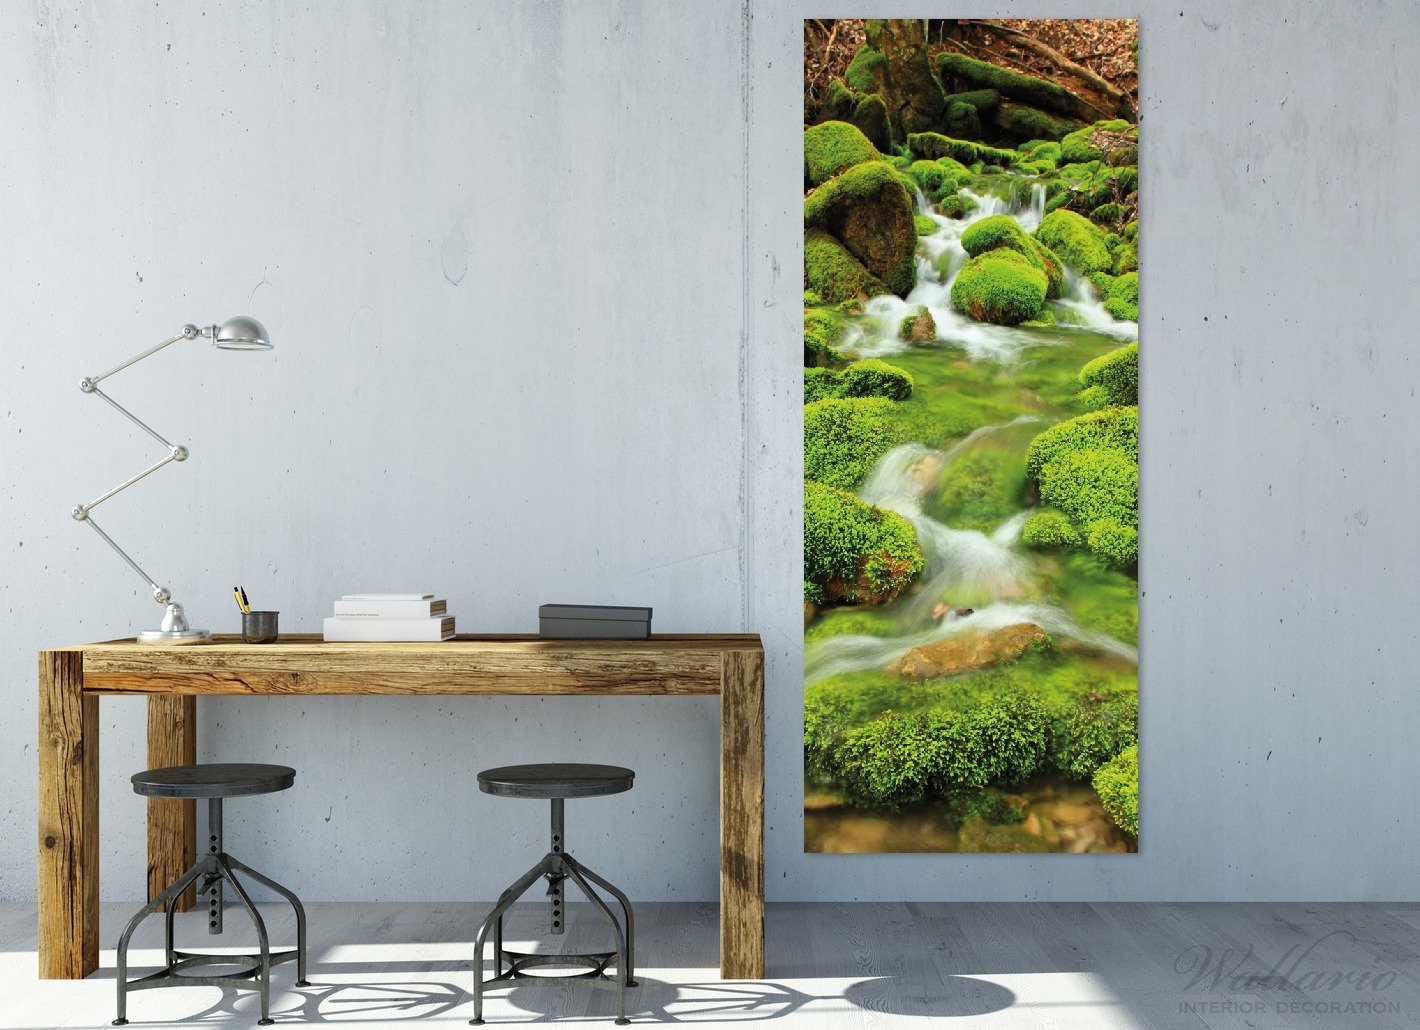 Wallario Wandgarderobe aus Glas in Größe 50 50 50 x 125 cm in Premium-Qualität, Motiv  Moosiger Bach   7 Kleiderhaken Zum Aufhängen von Jacken c12947